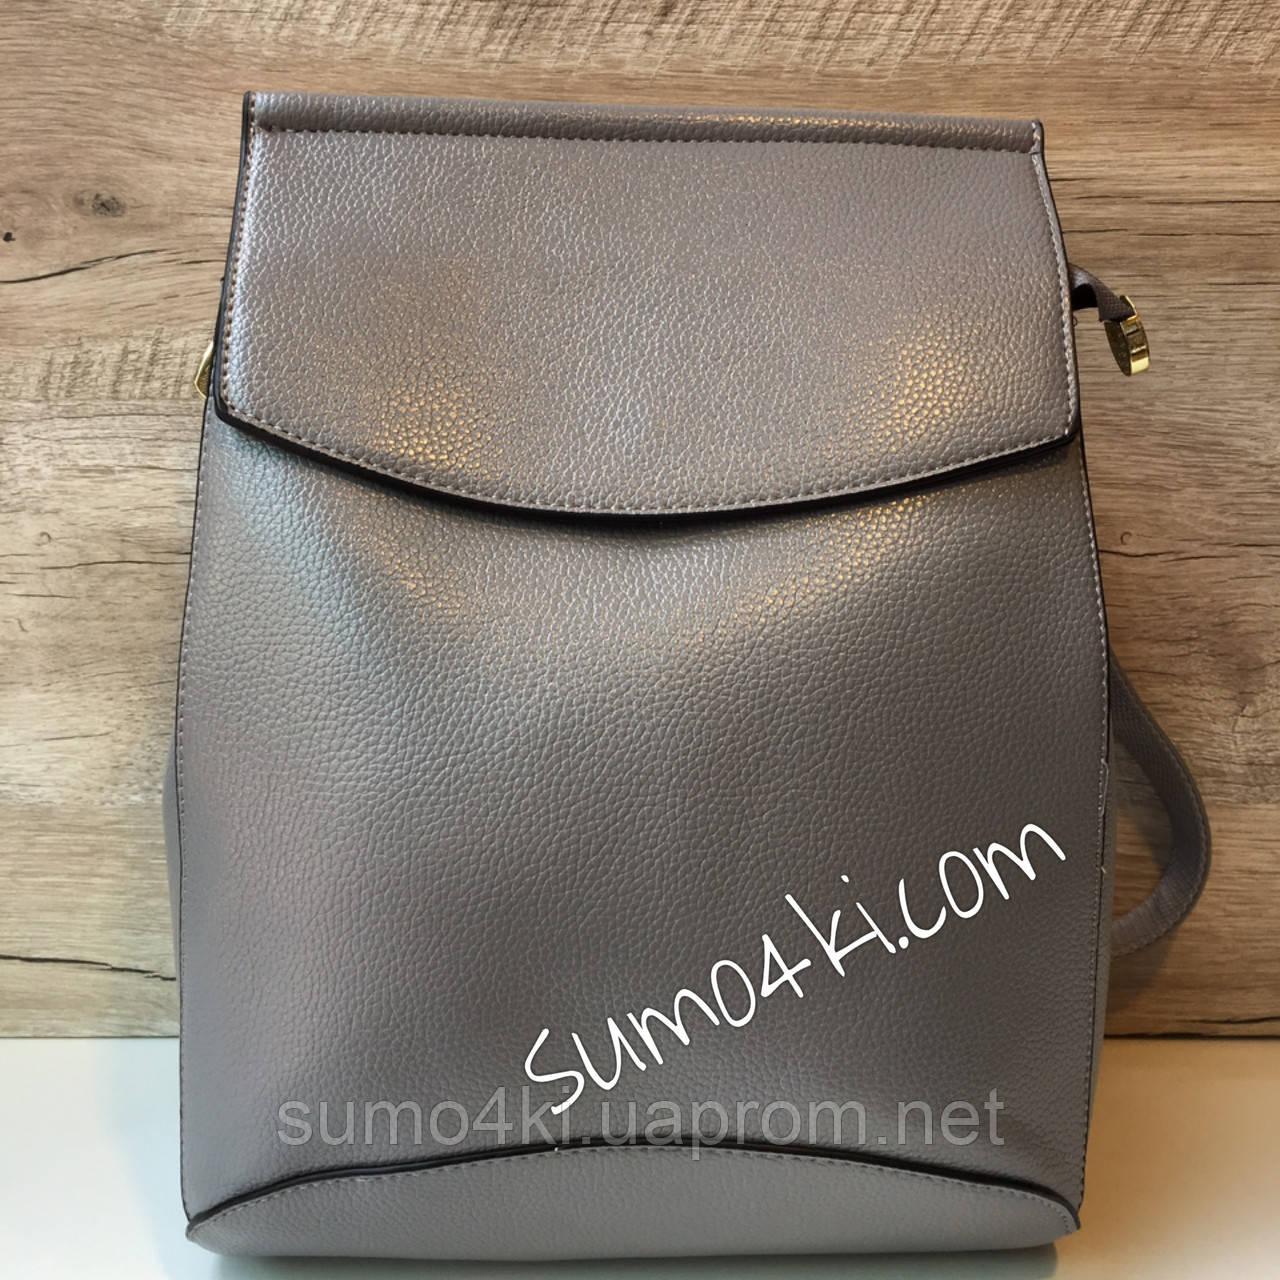 Женский рюкзак-сумка Valensia - Интернет-магазин «Галерея Сумок» в Одессе 13ff1a3044d